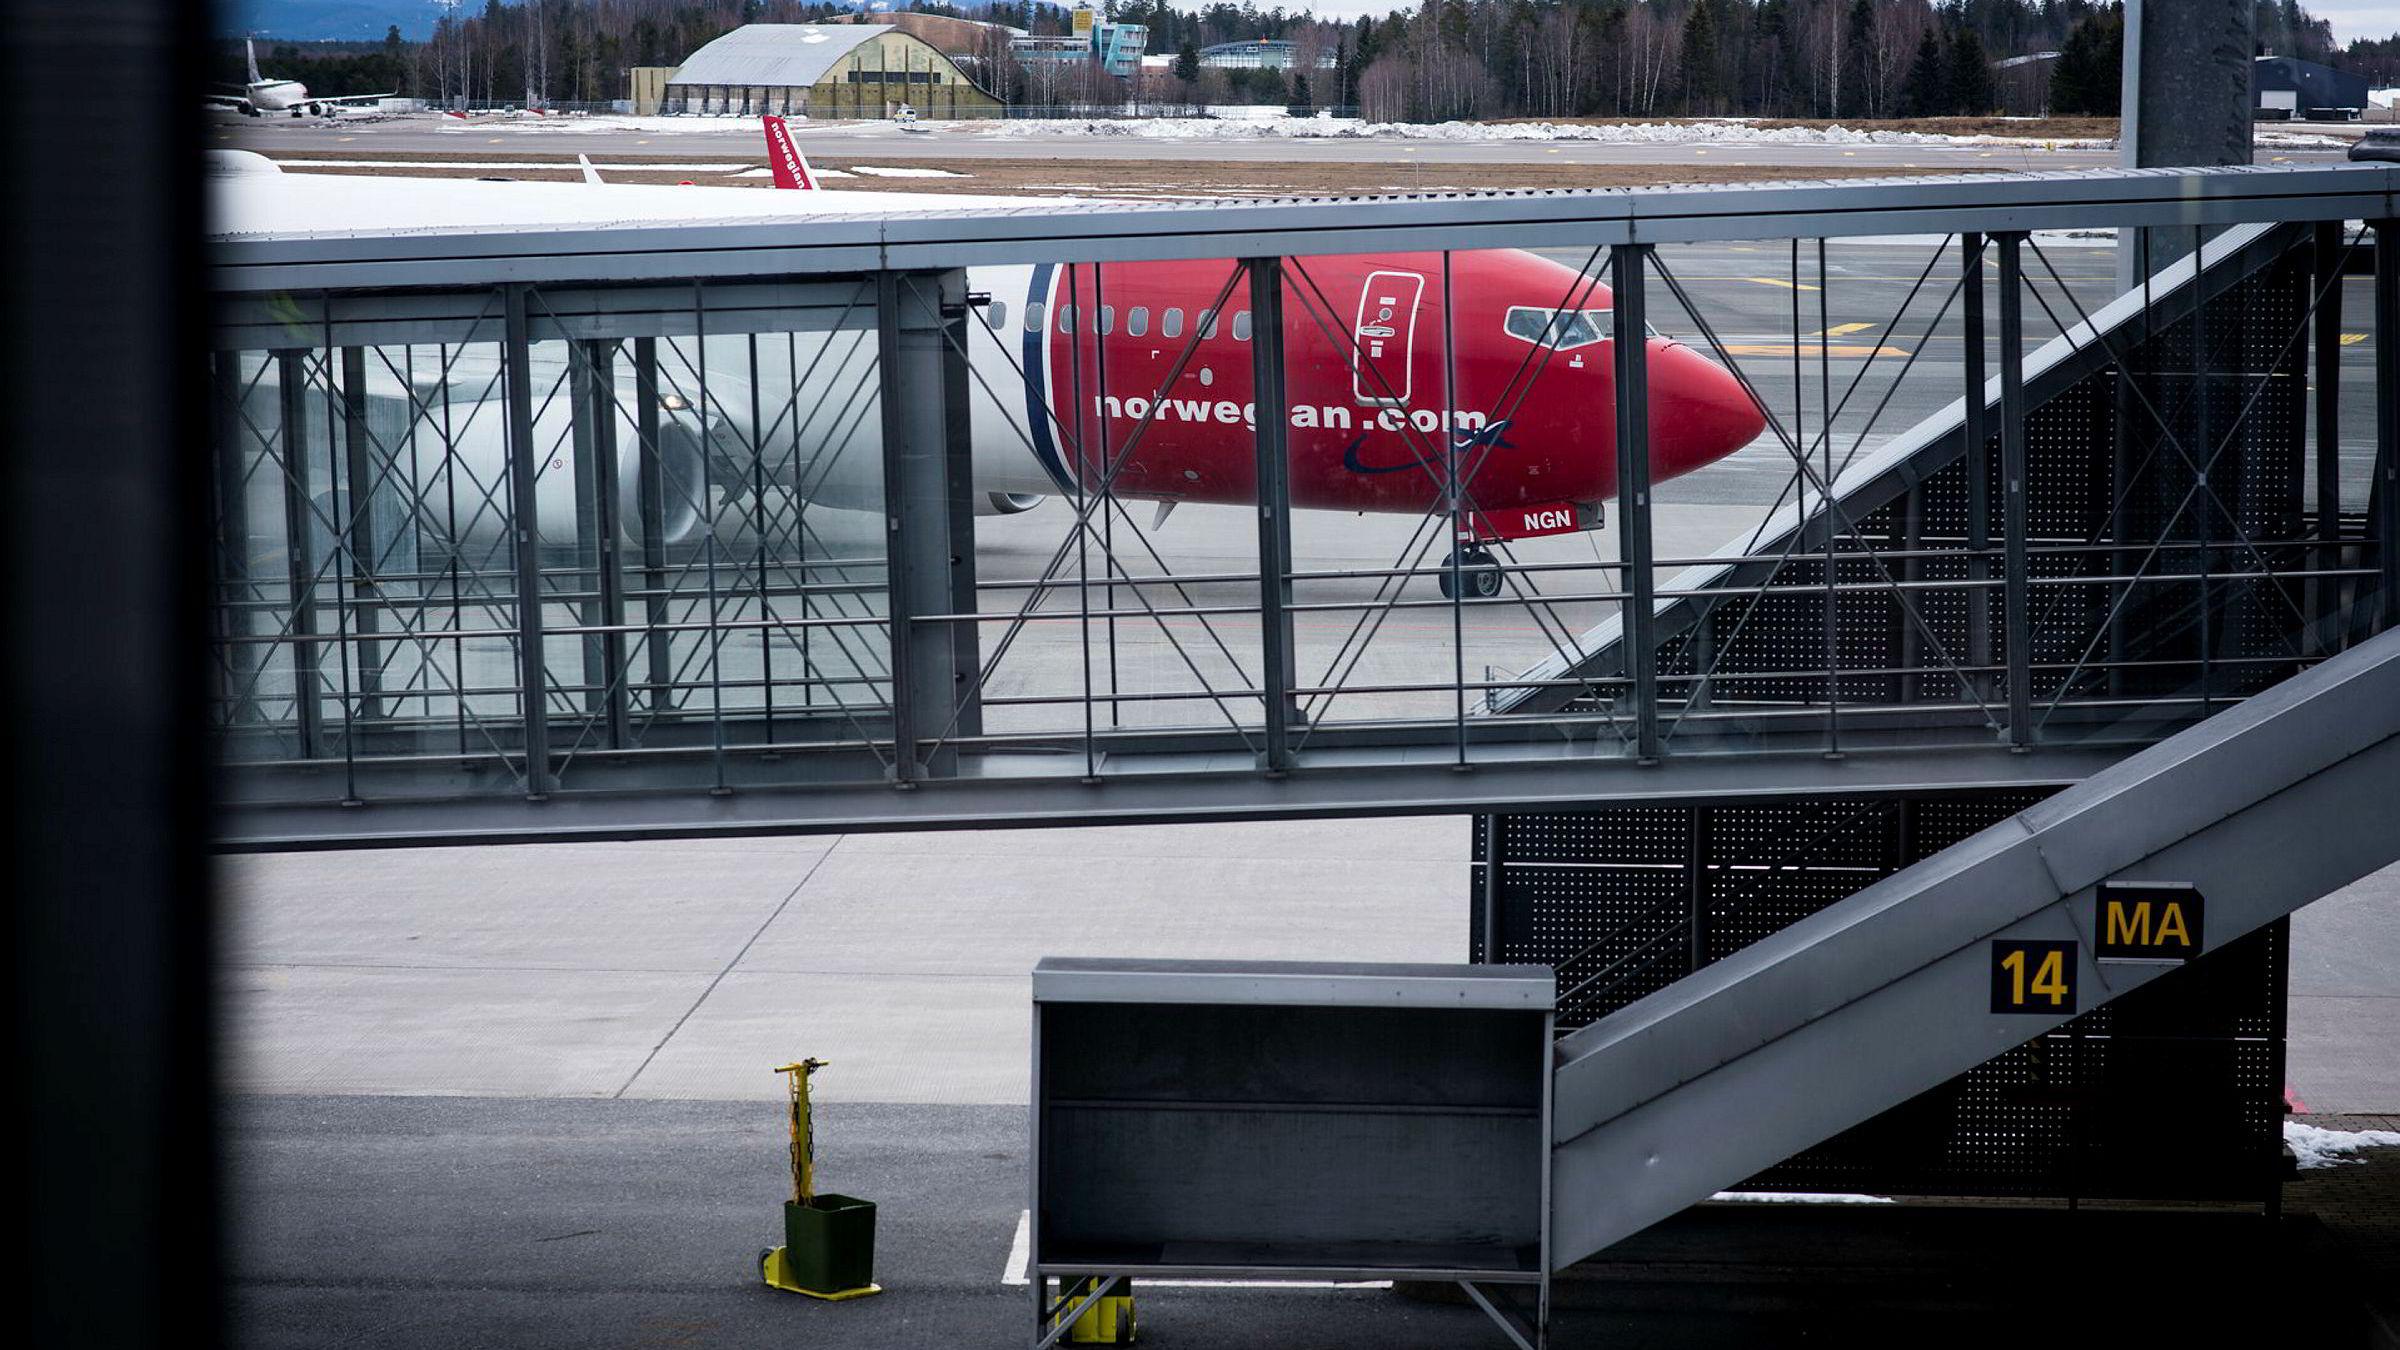 Etter flere dager med kanselleringer, sendte Norwegian brev direkte til pilotene mandag ettermiddag. Flere meldte seg til å jobbe ekstra.